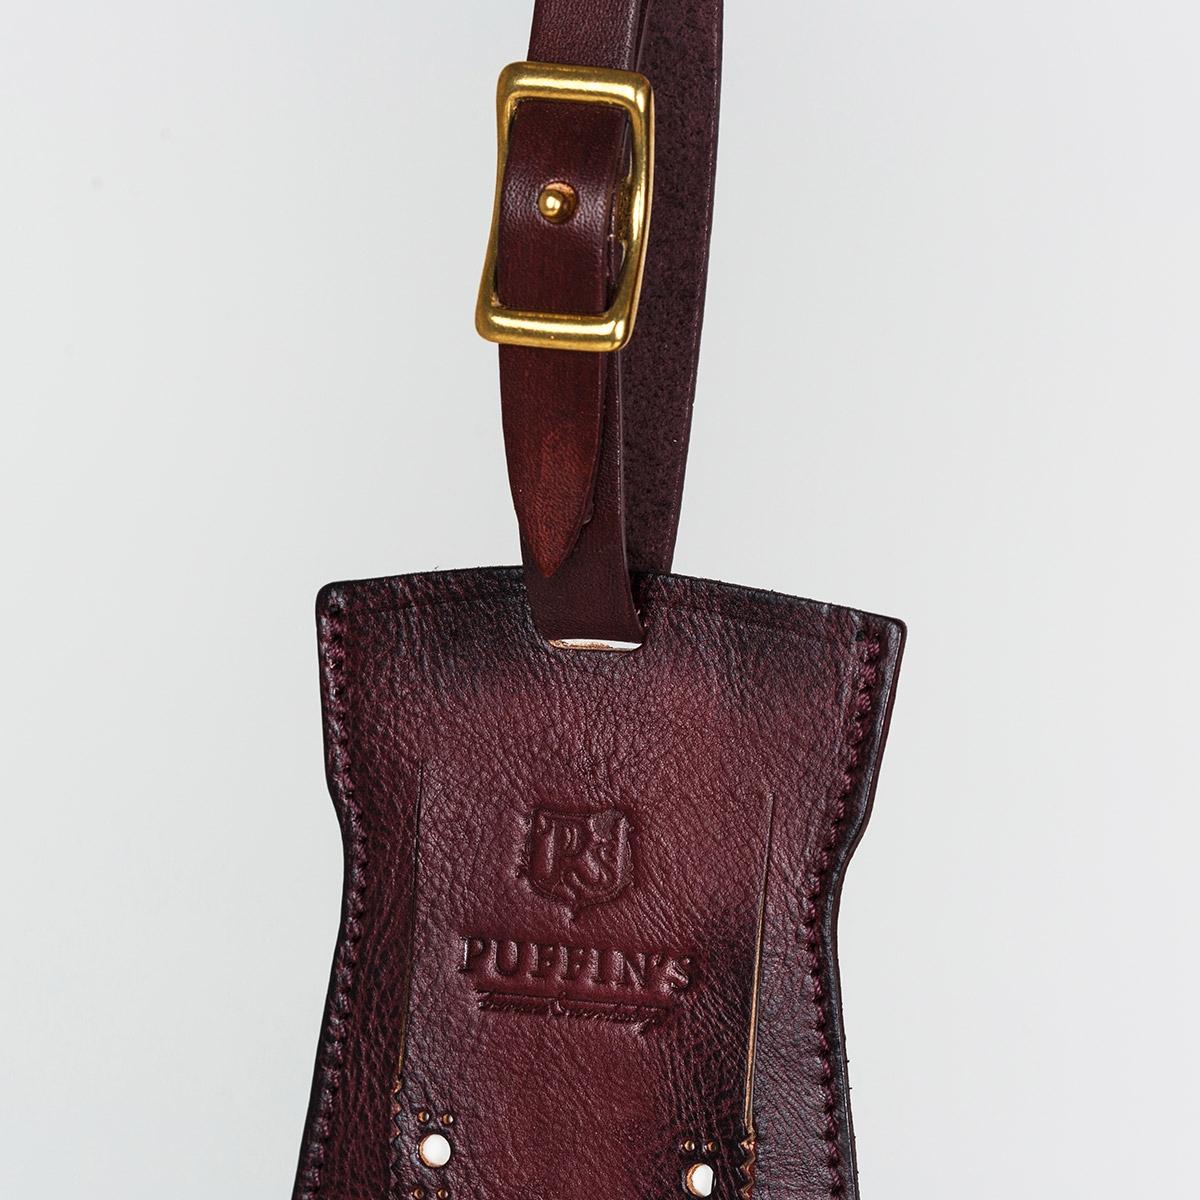 Багажный ярлык TAVARUA персонализированный с патиной бордо